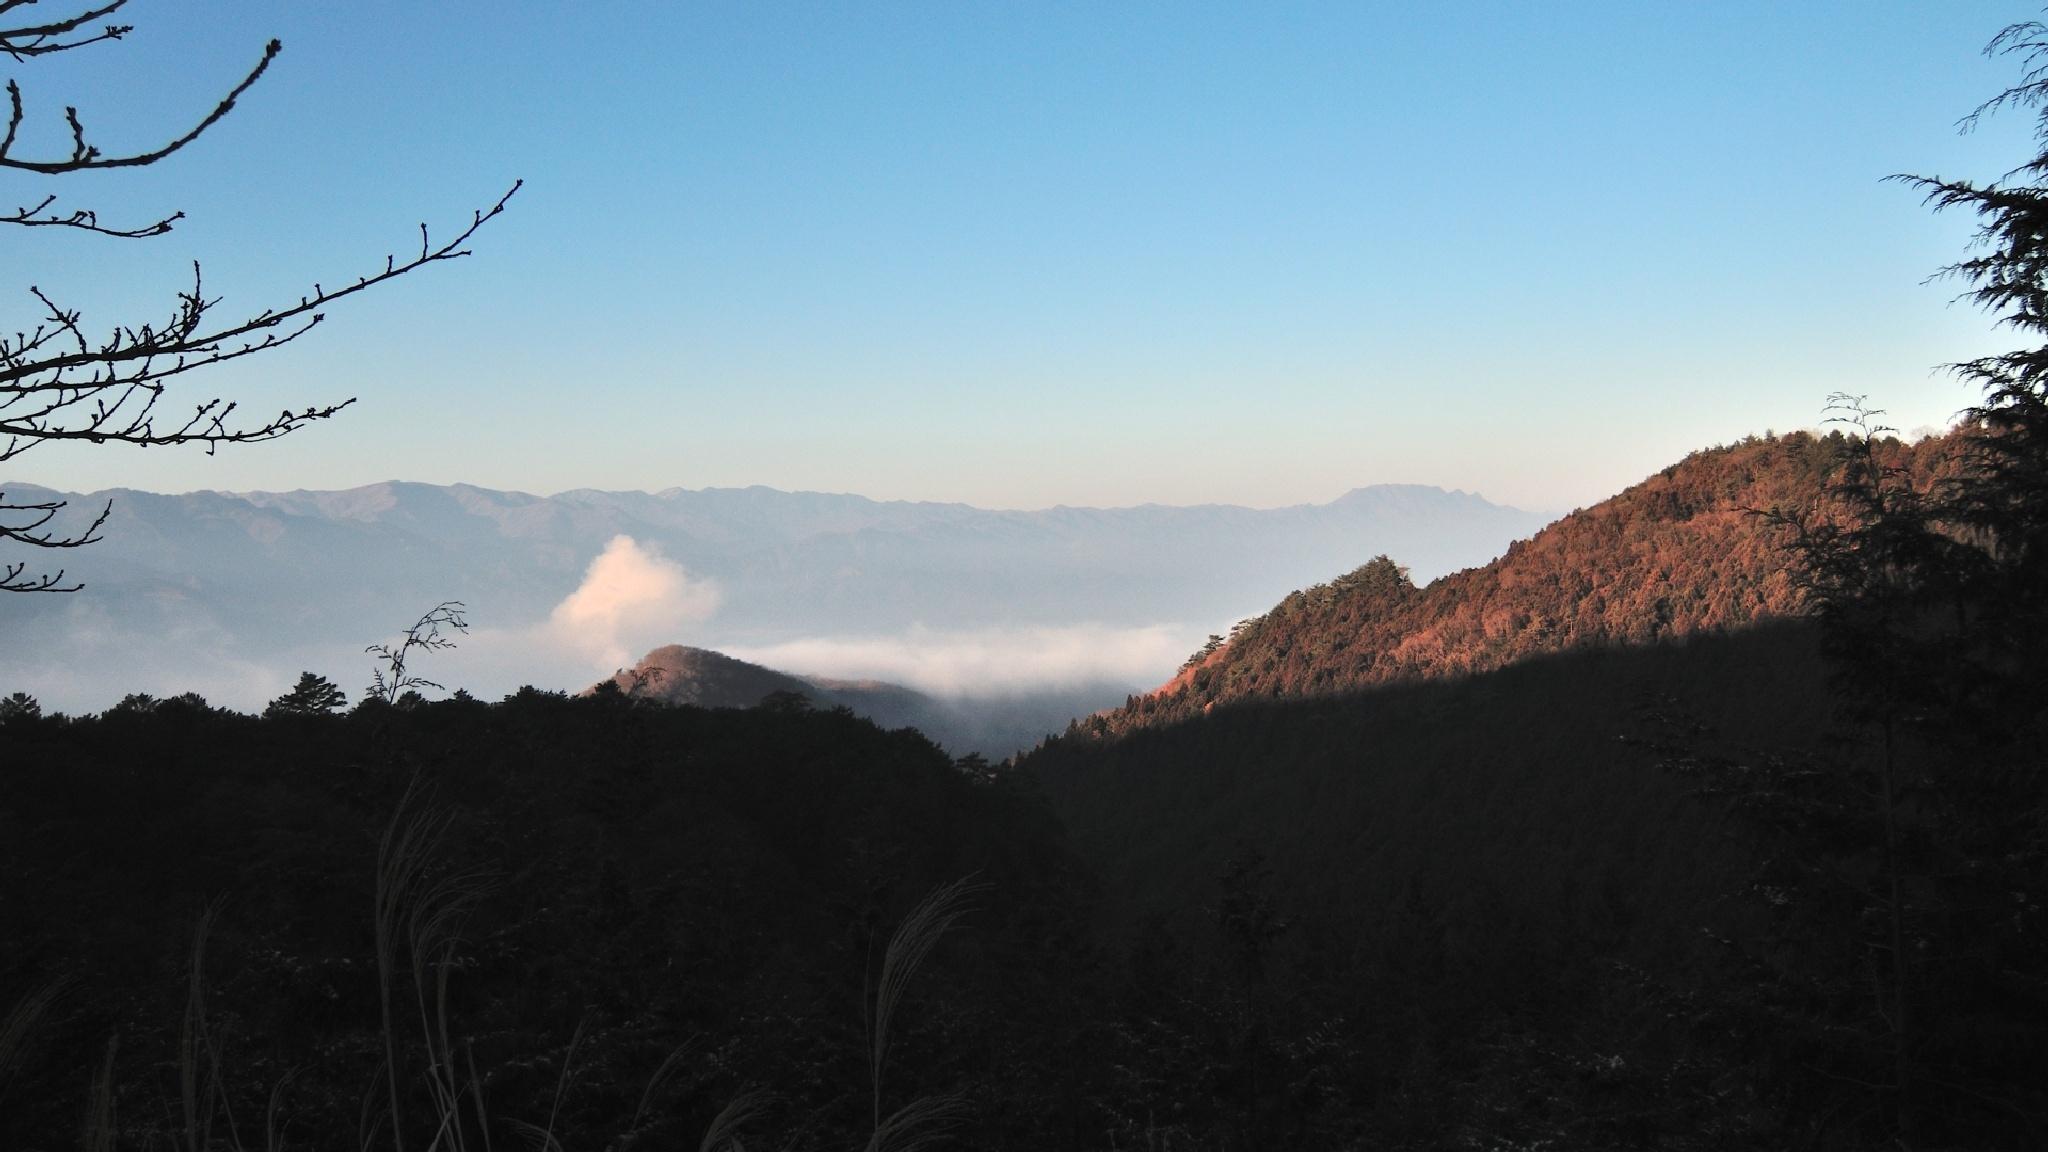 Ryoukami-san and Morning Fog (1920x1080) Enjoy ! by Mubi.A